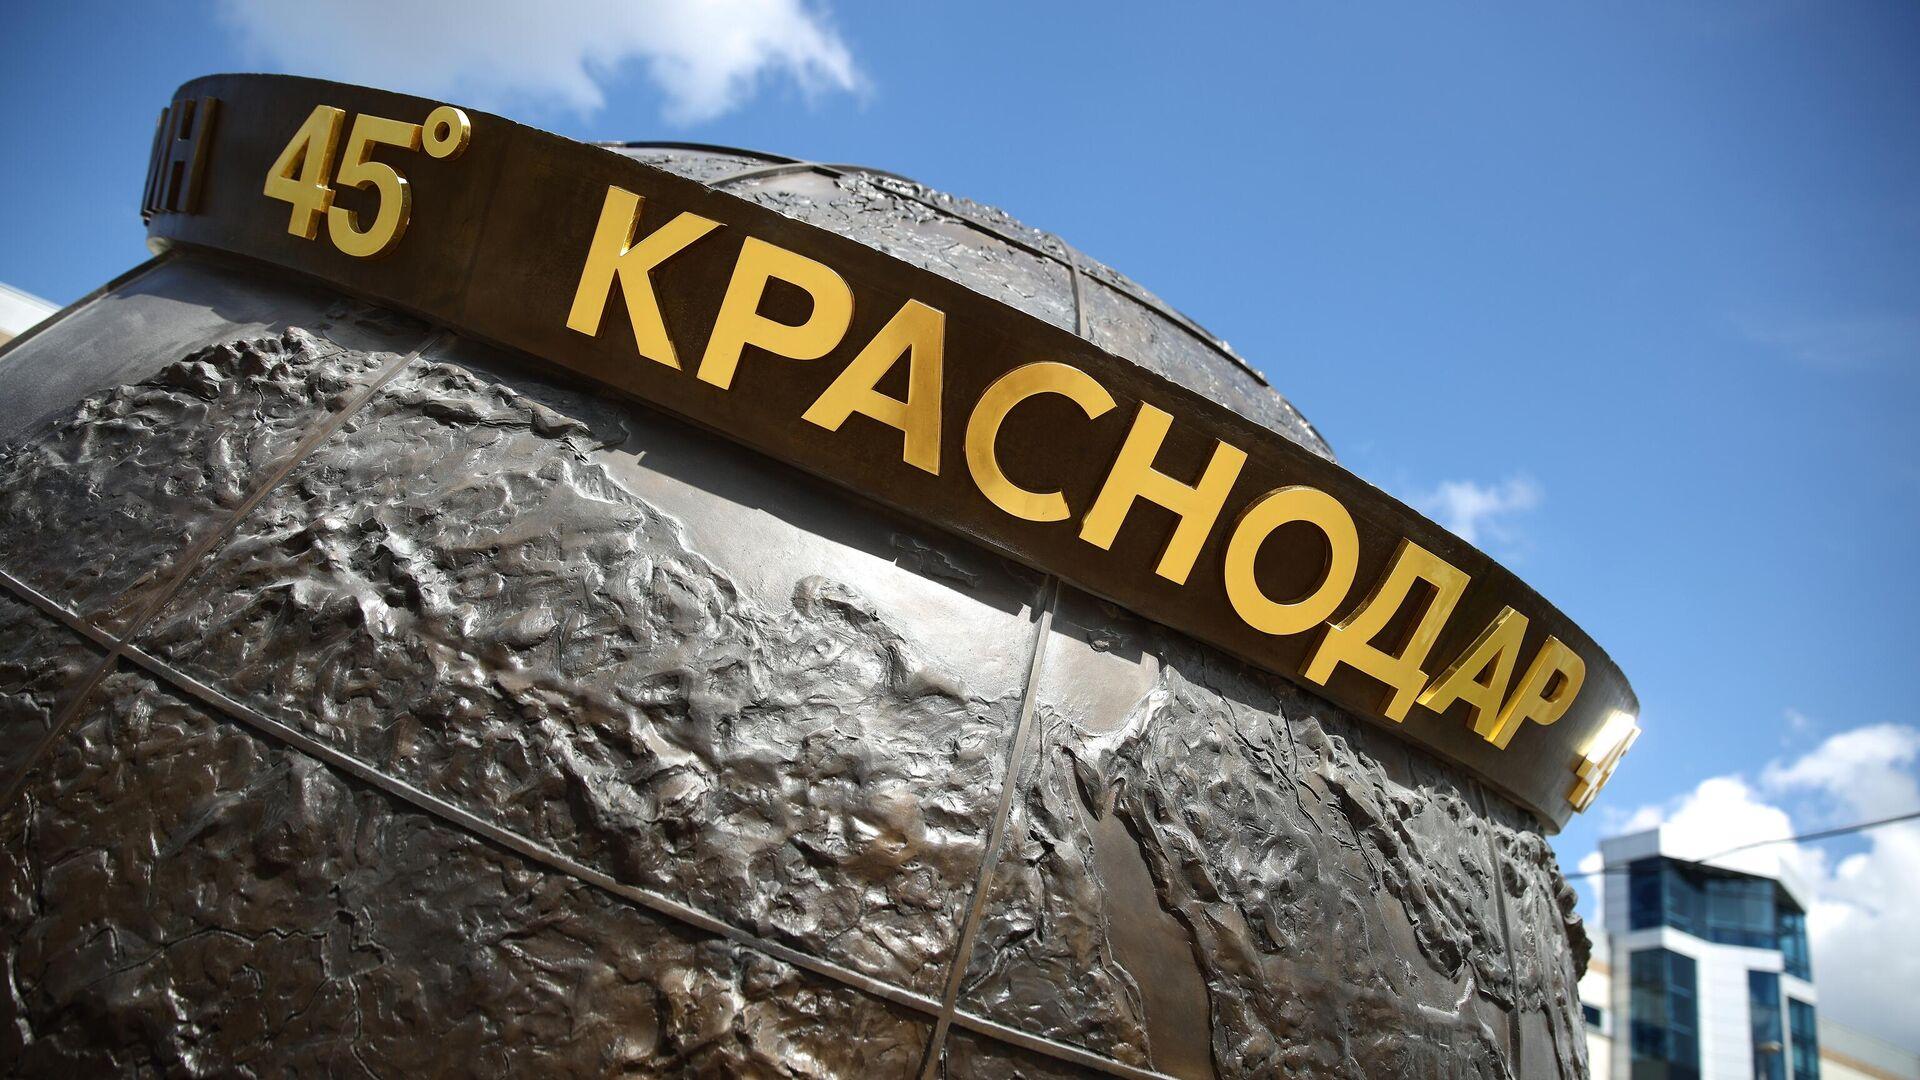 Скульптура 45-я параллель, установленная на улице Захарова в Краснодаре - РИА Новости, 1920, 19.10.2020